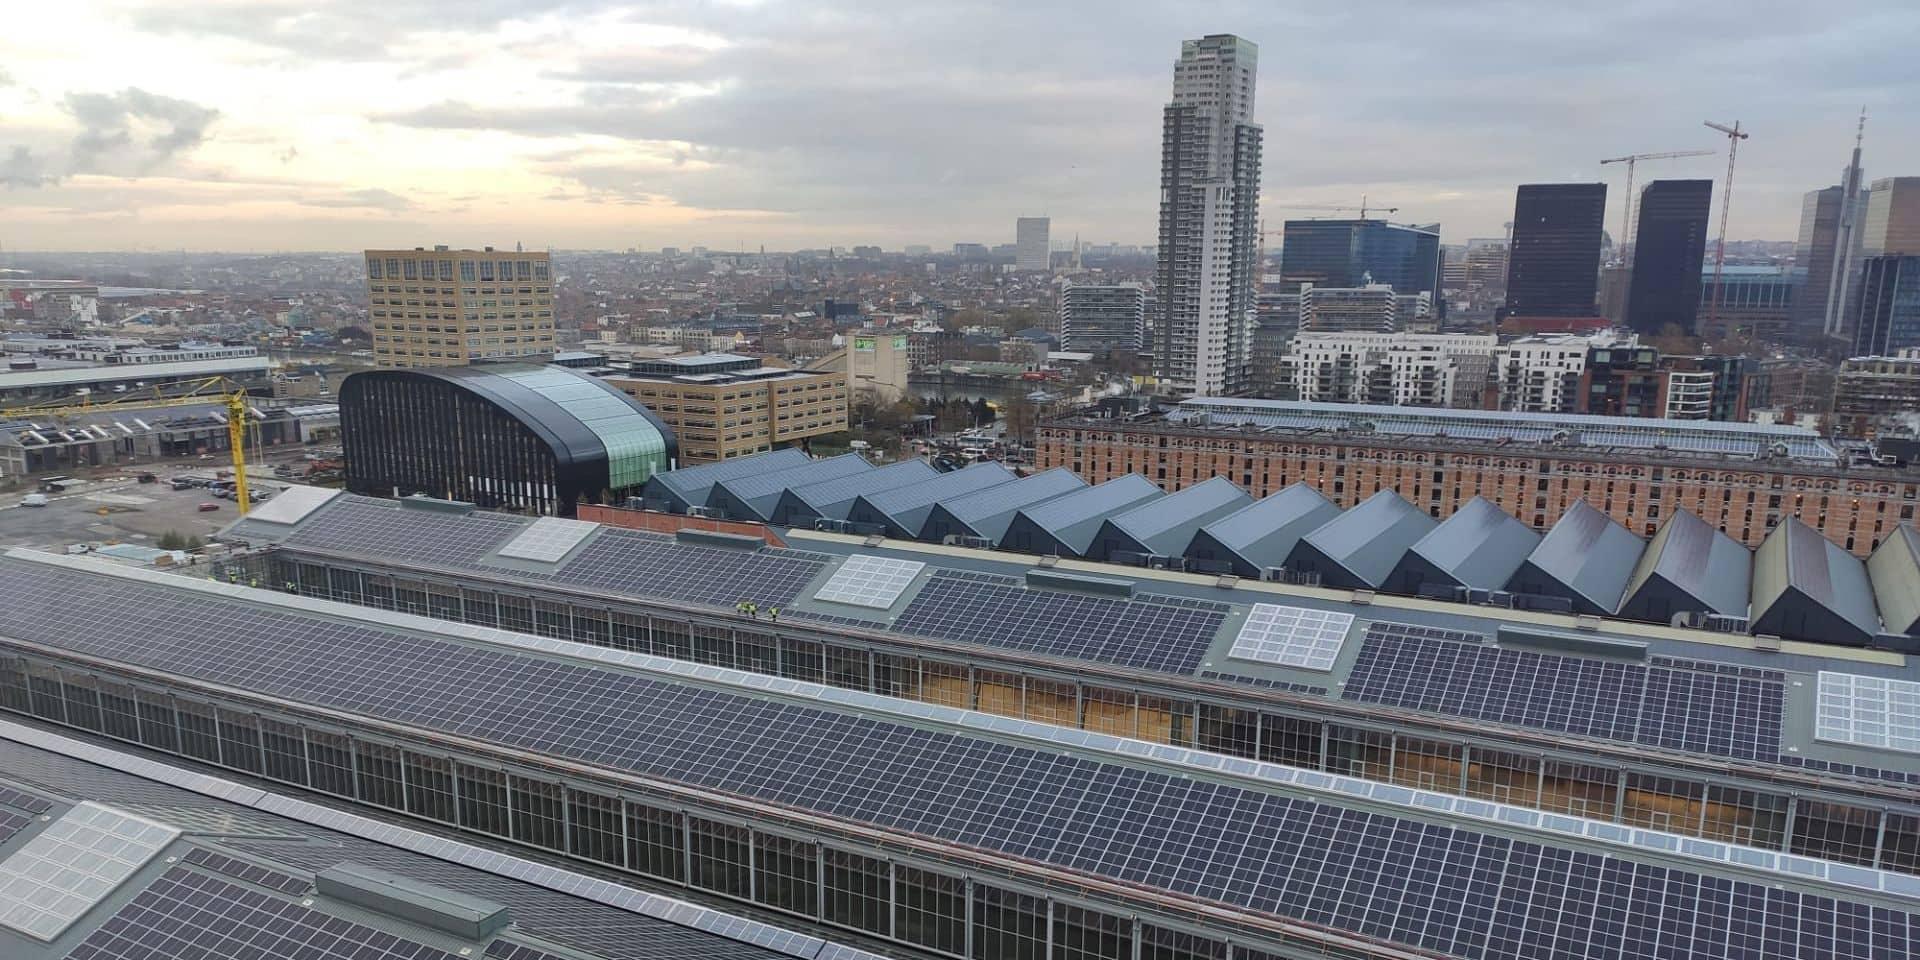 Sur les toits de la Gare maritime, la production d'électricité atteint le million de kWh